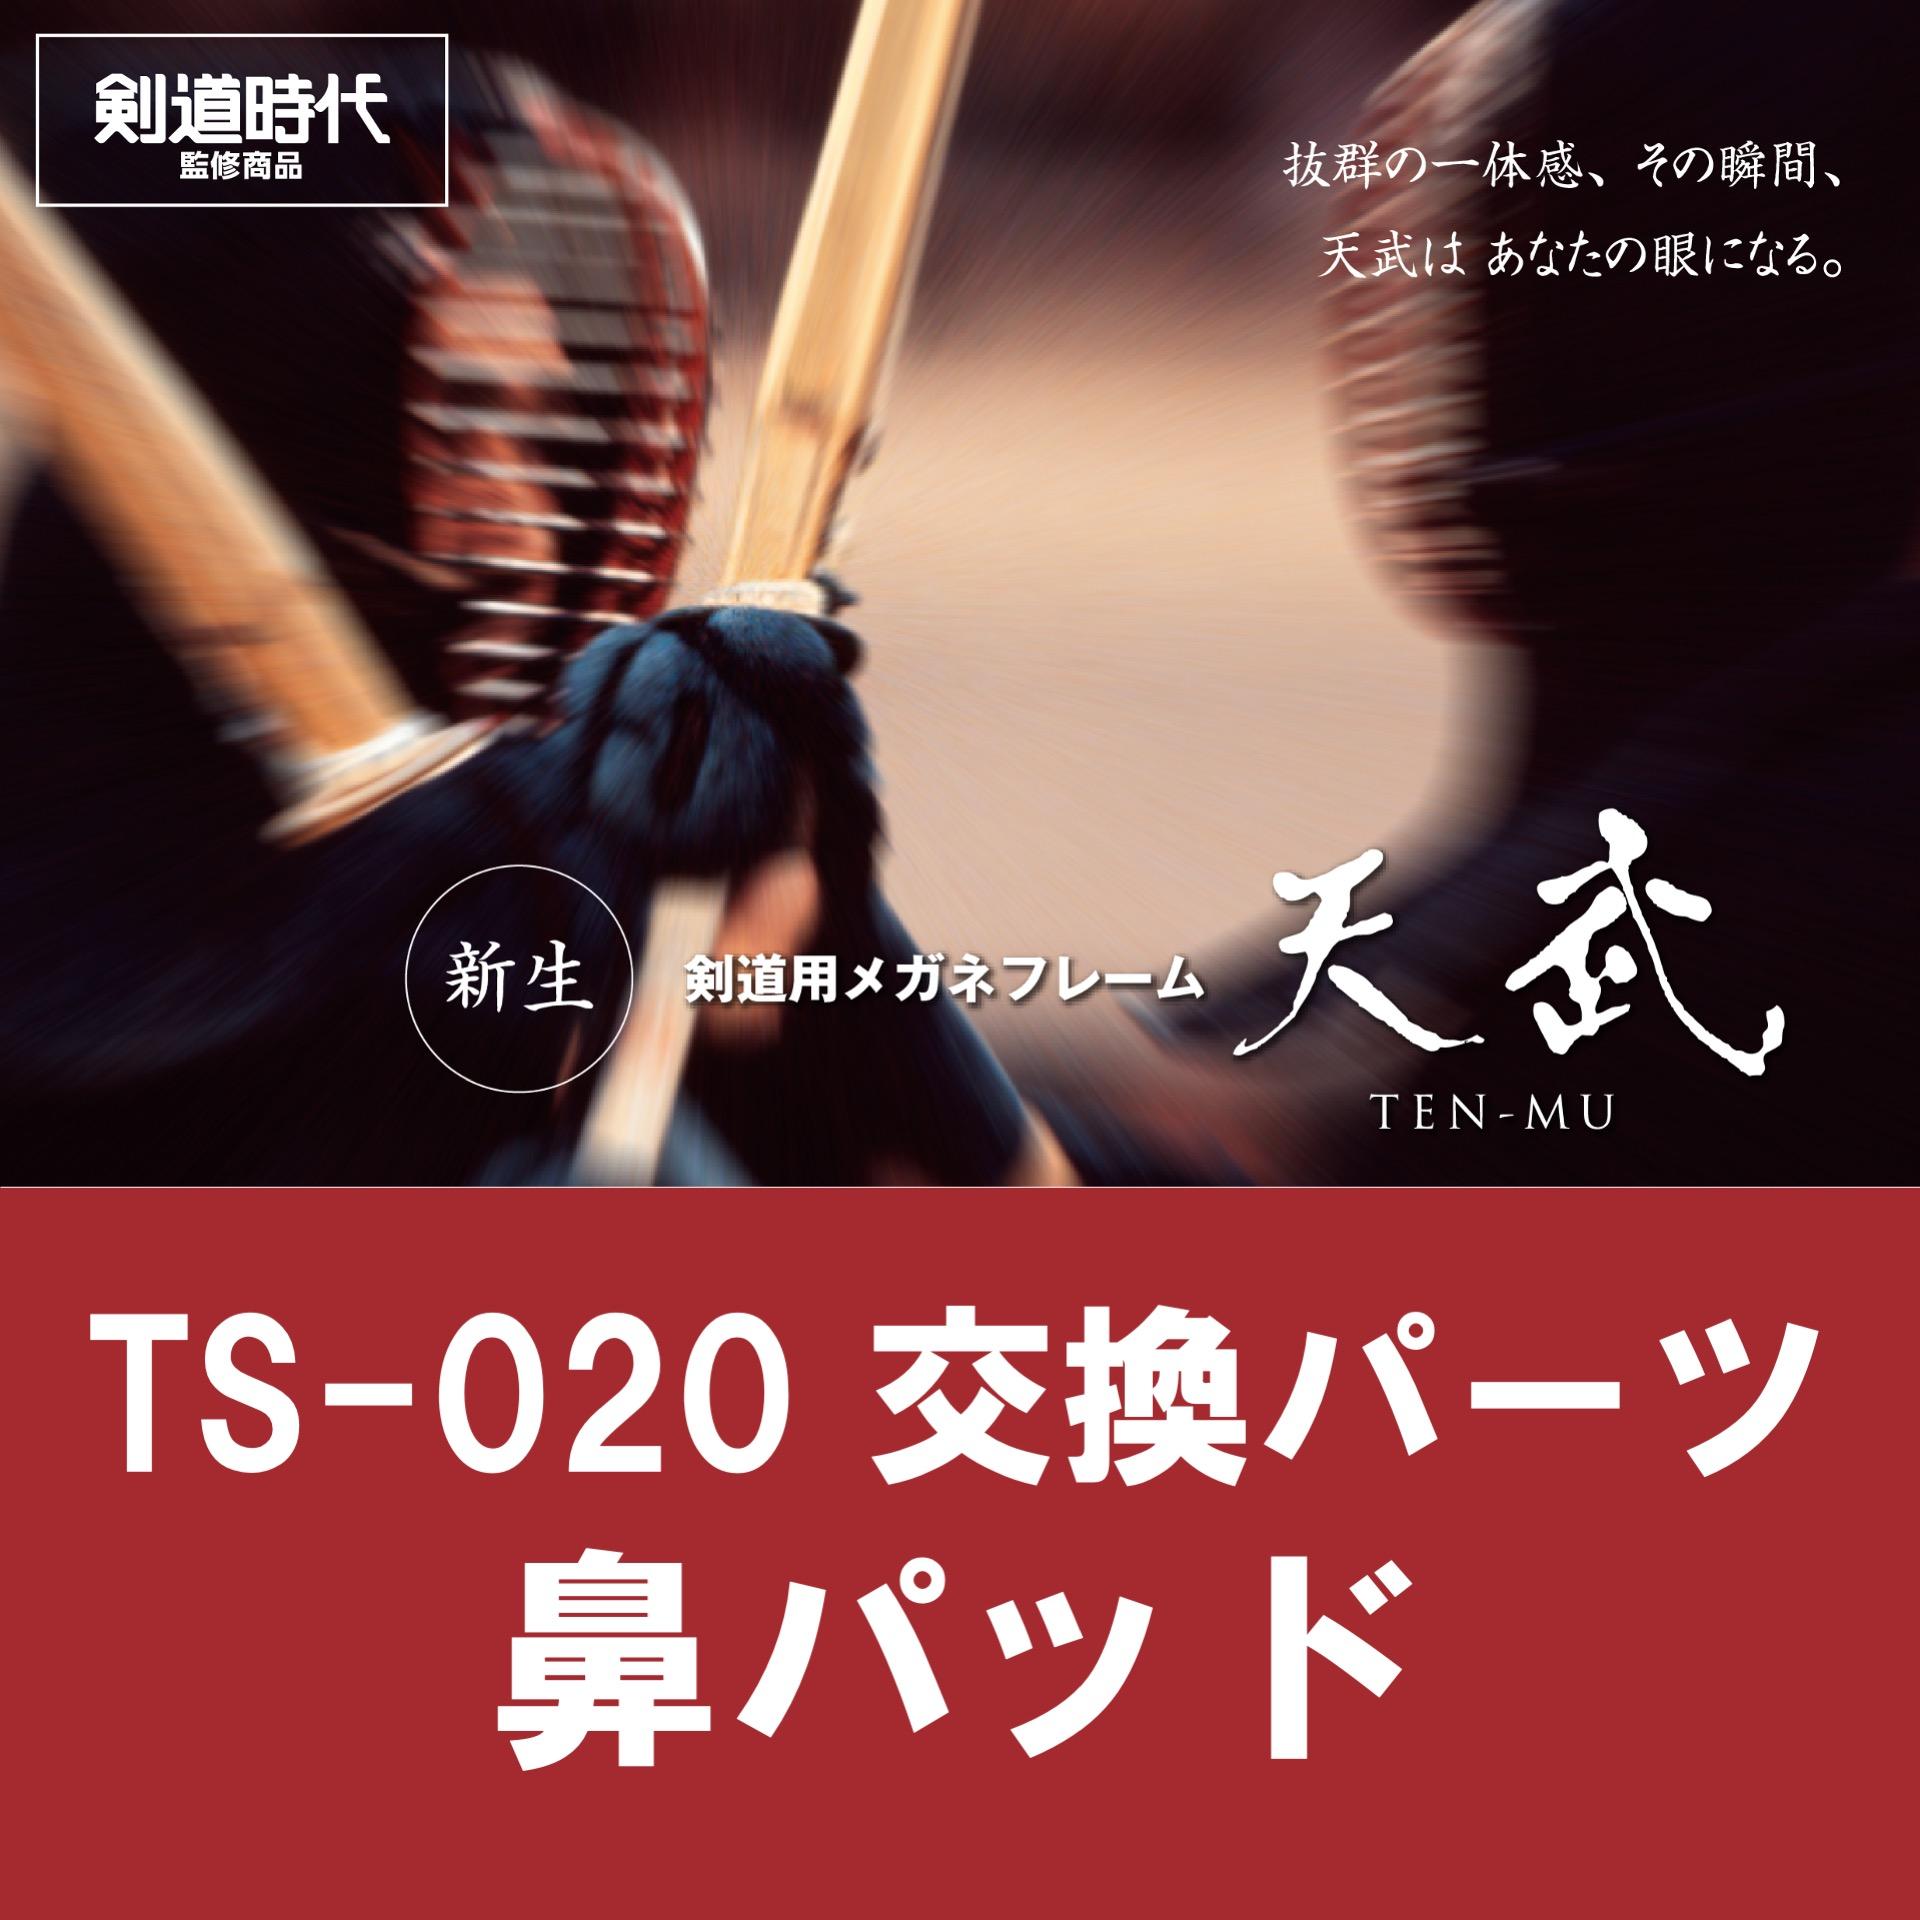 完全送料無料 和真オリジナル商品 天武TS-020 売買 交換用鼻パッド